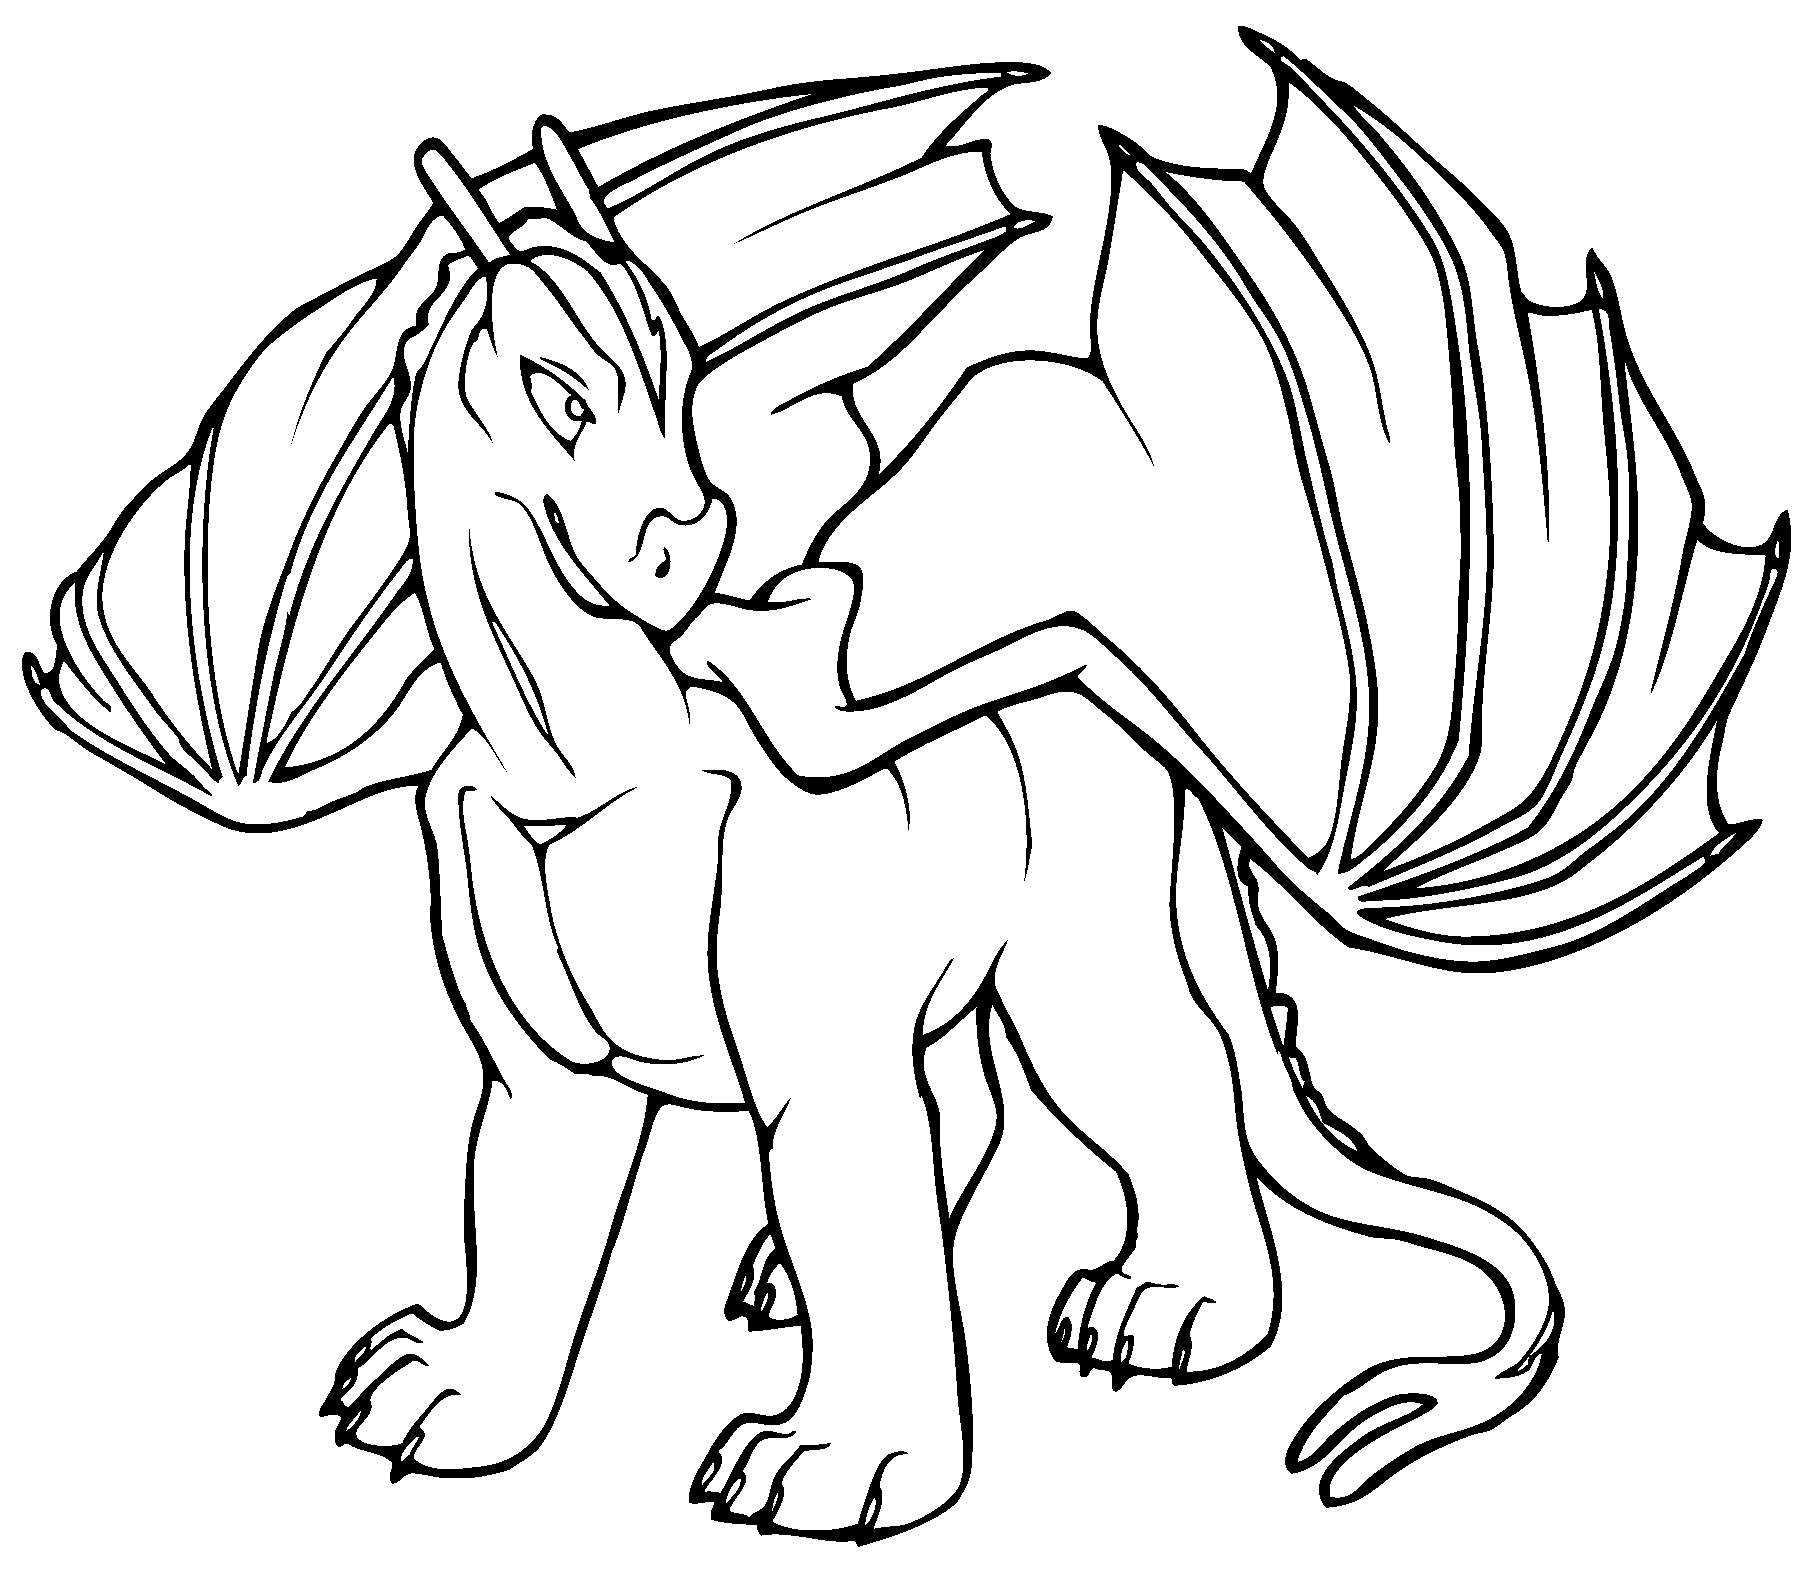 dragon images for kids free printable dragon coloring pages for kids lettas for images kids dragon